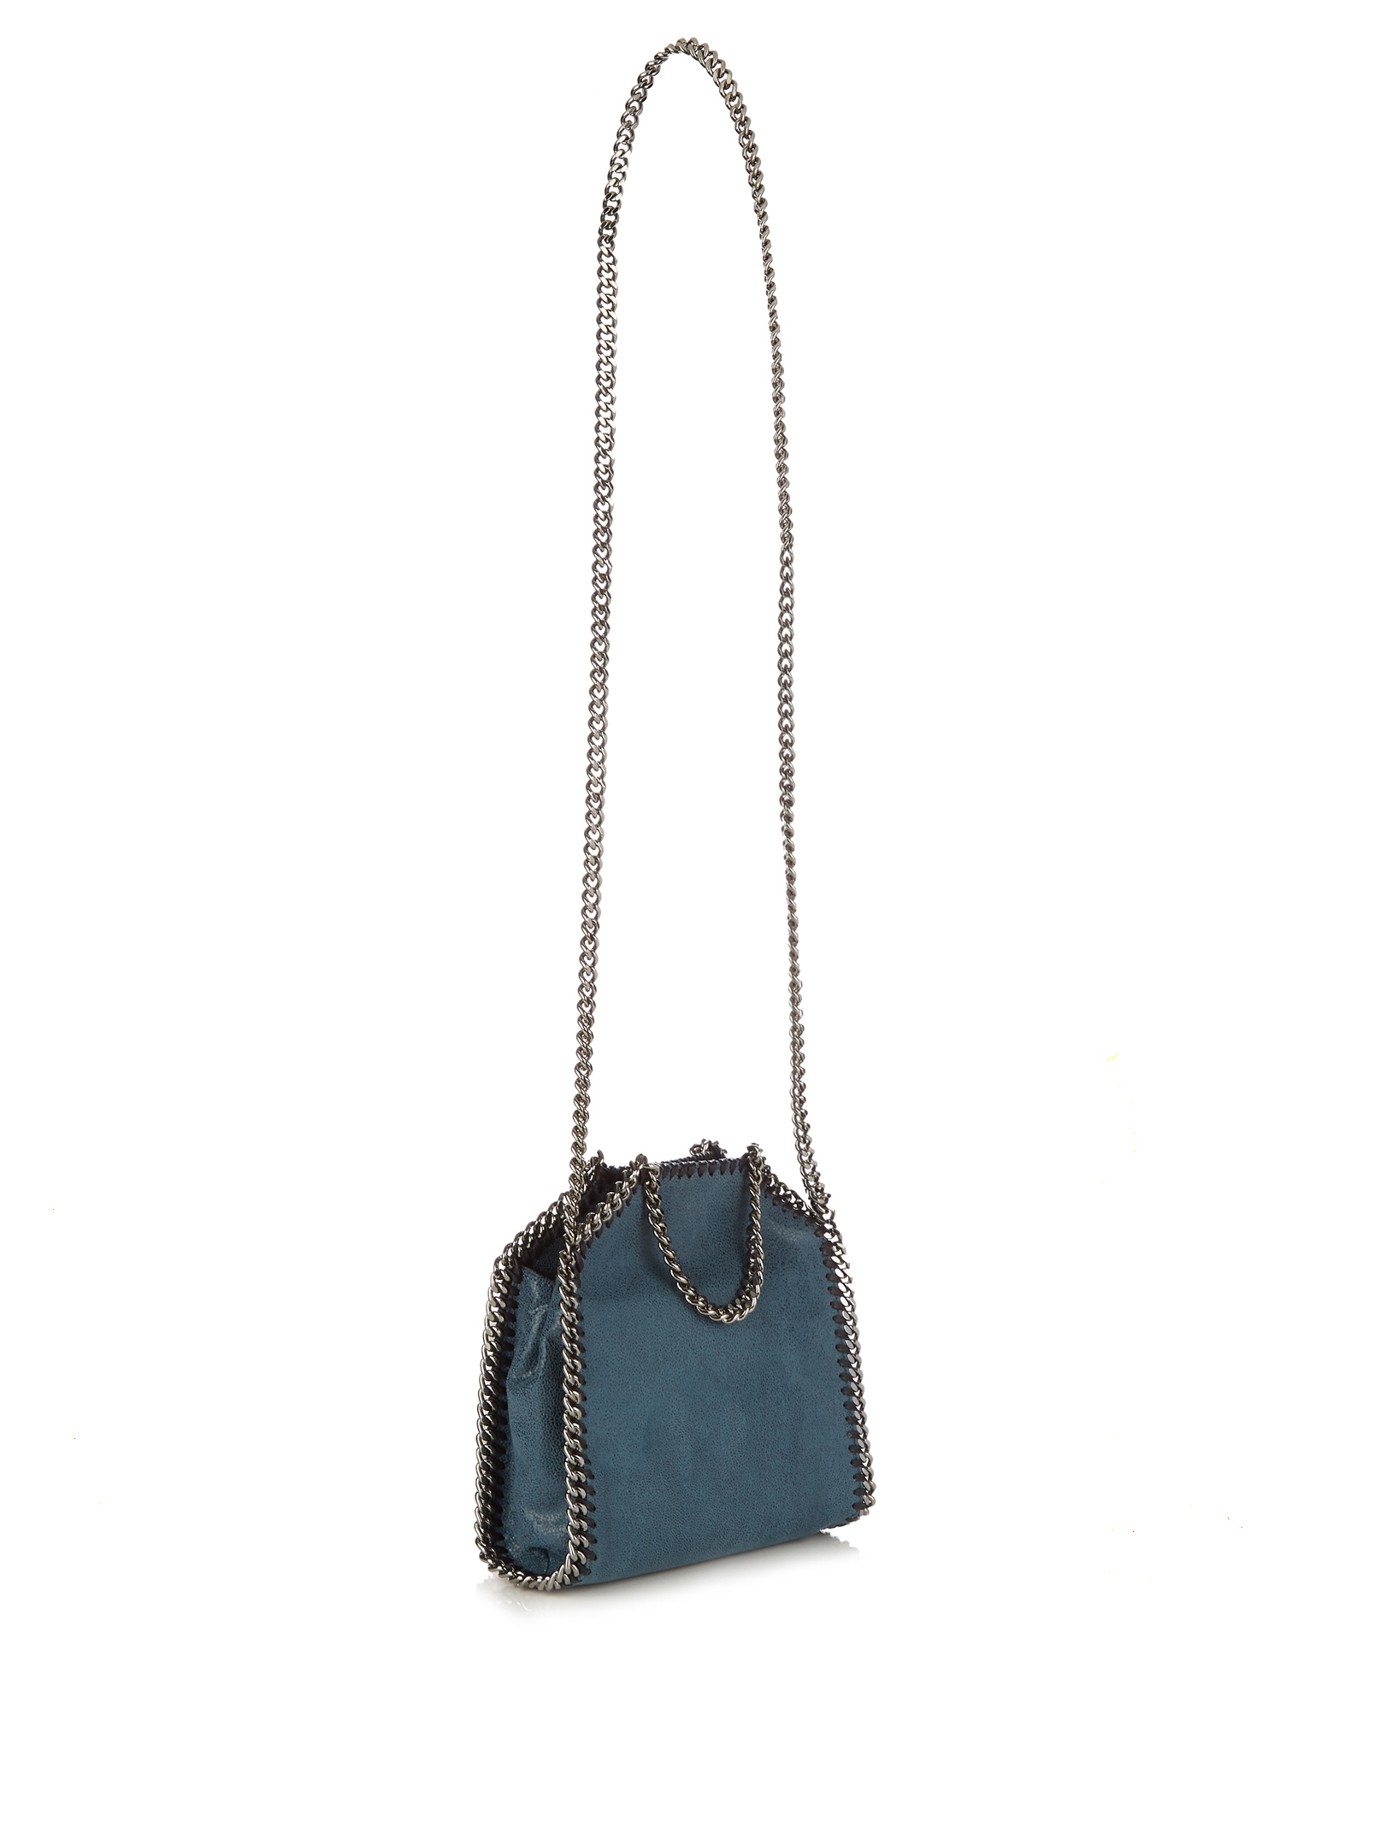 lyst stella mccartney falabella small shoulder bag black in blue. Black Bedroom Furniture Sets. Home Design Ideas